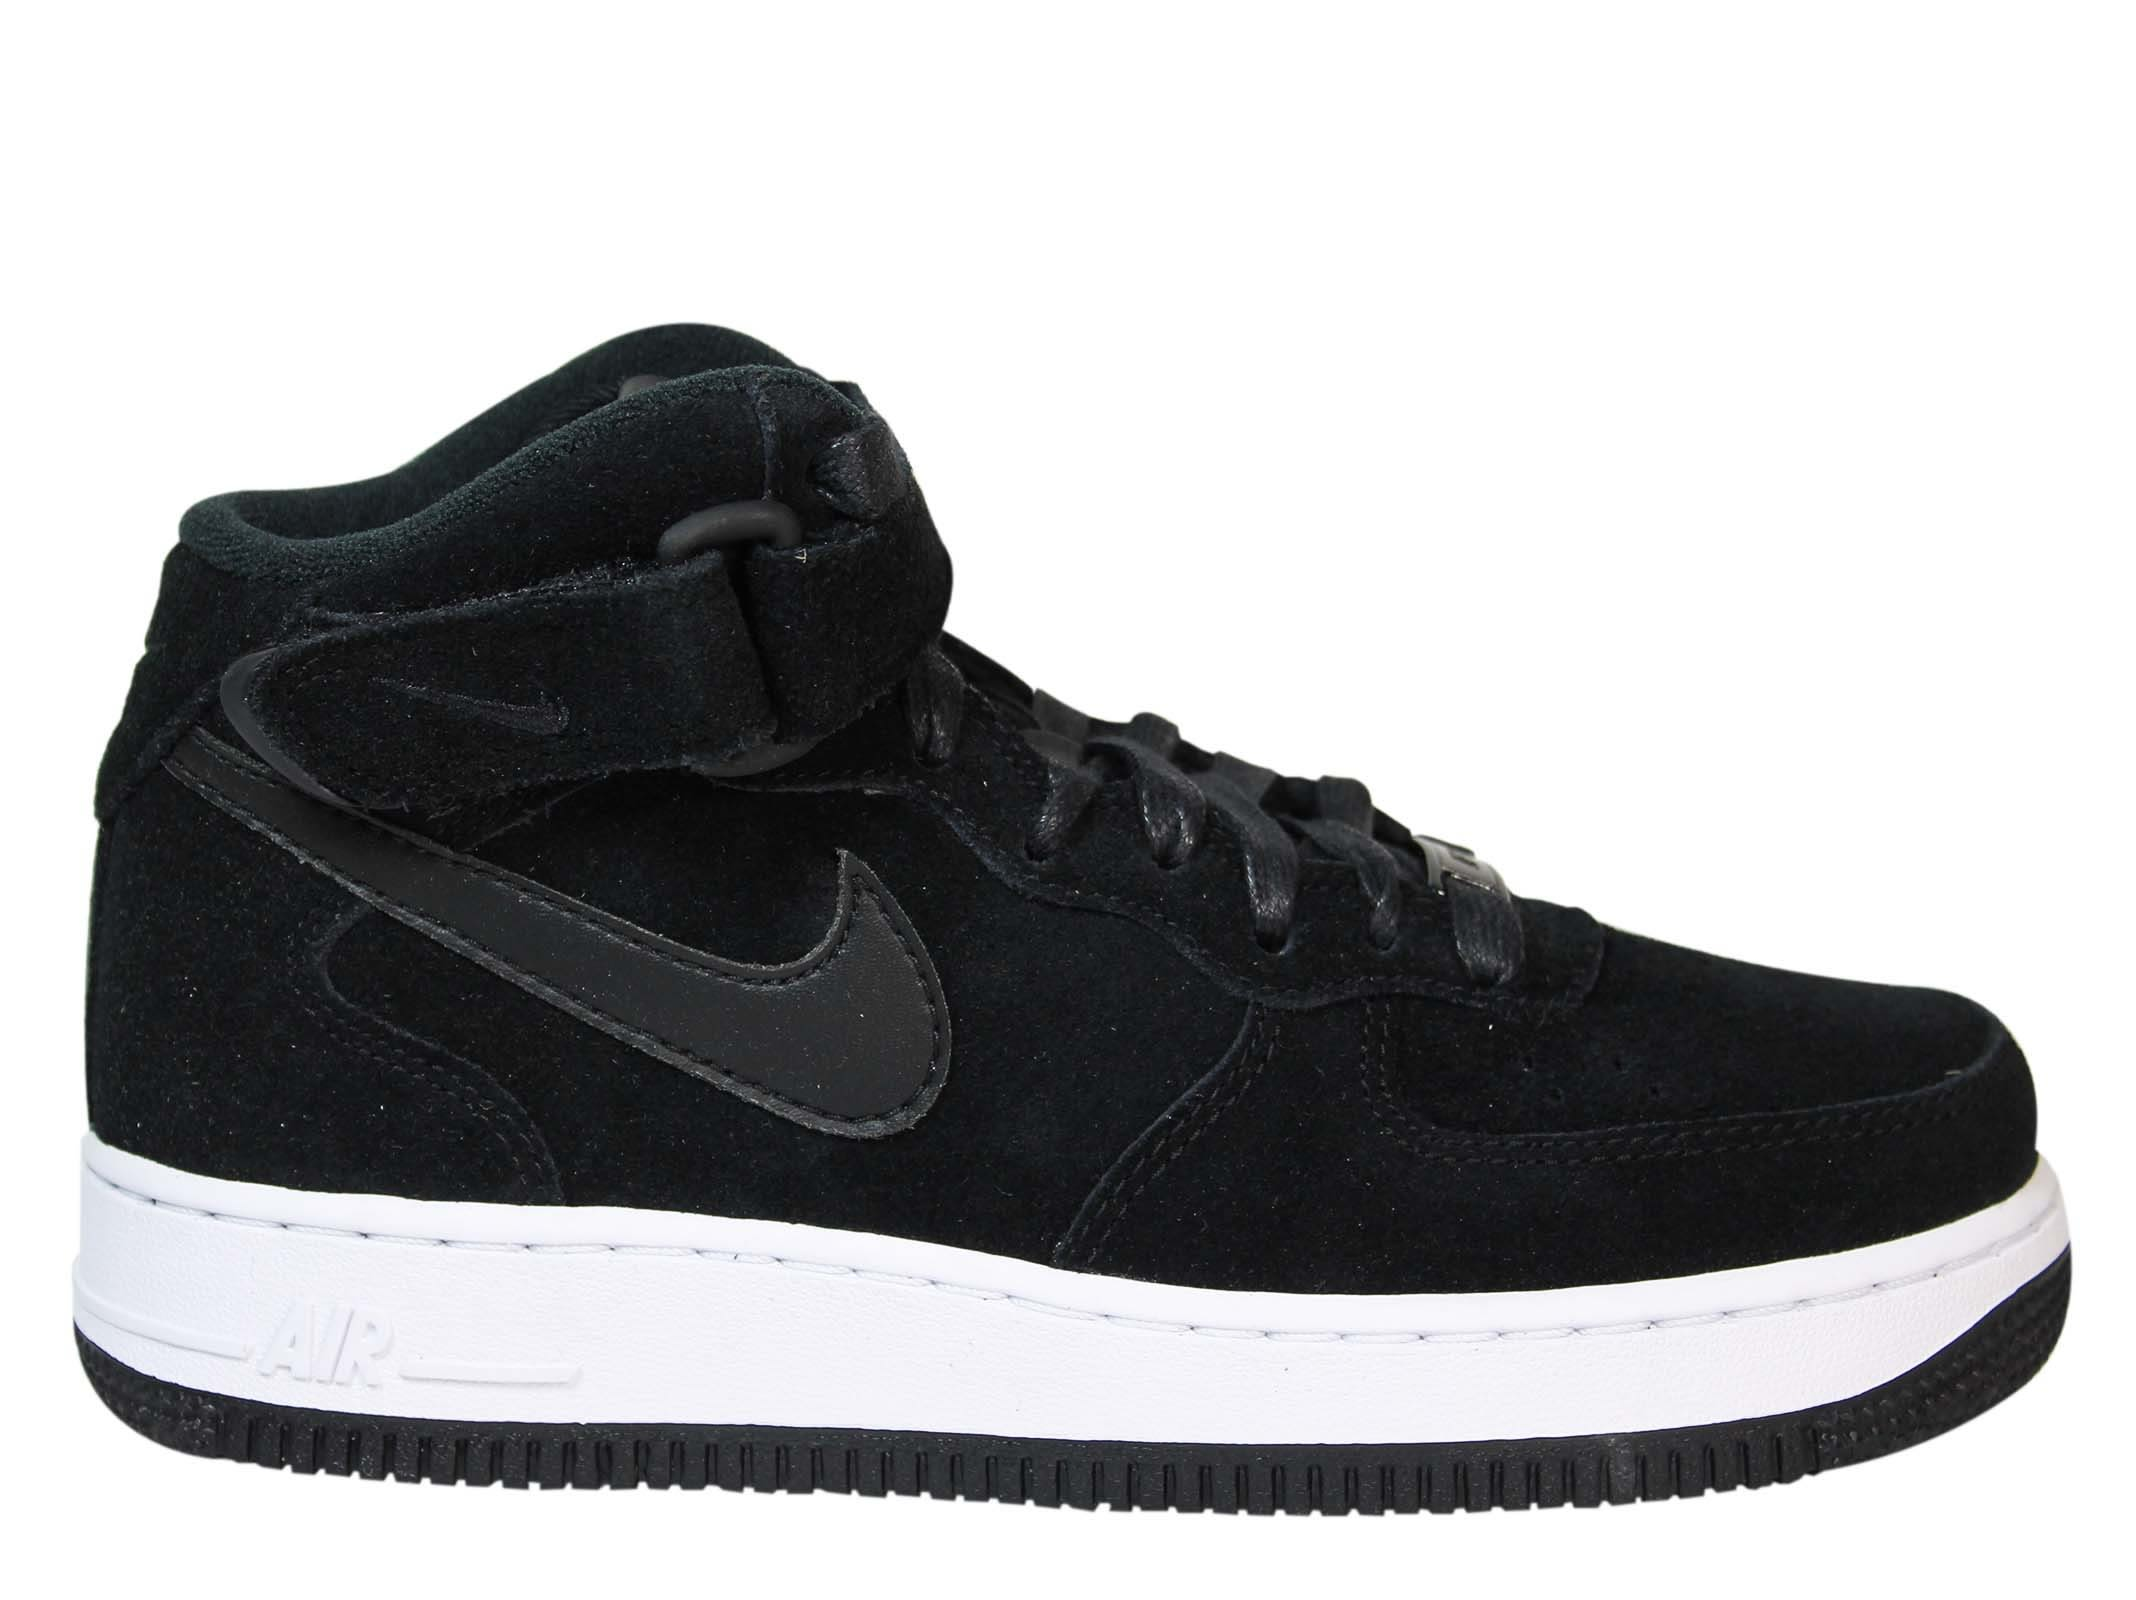 buy popular c2b16 1bb53 air force 2 high top sneakers